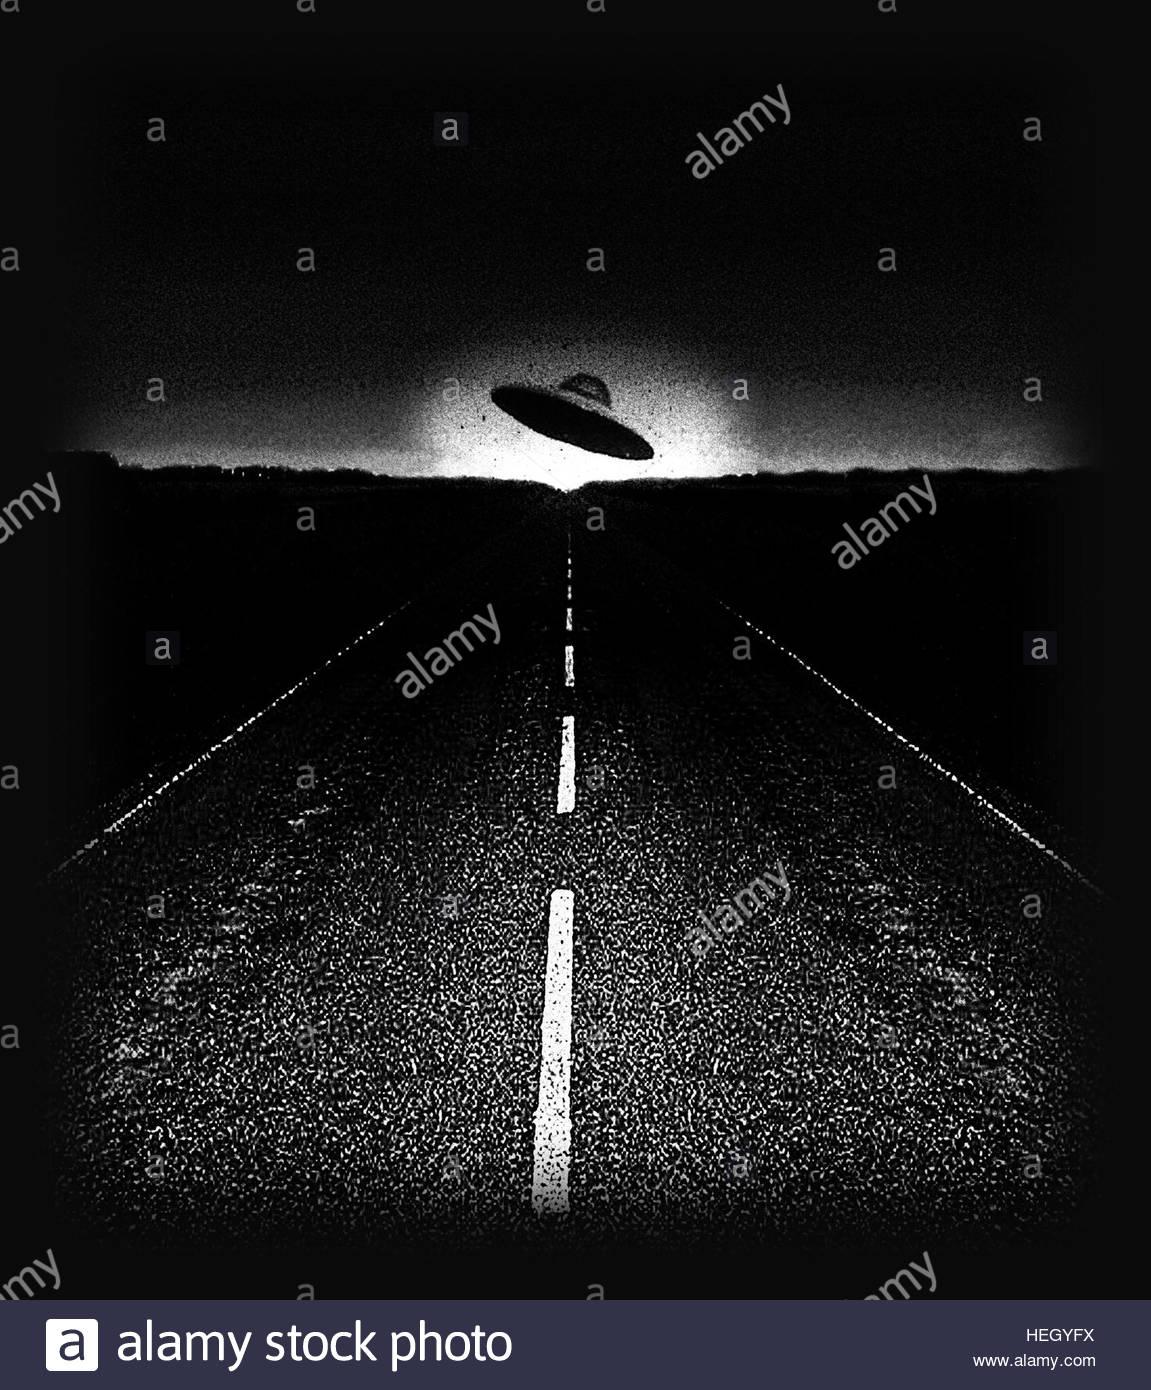 Ovni en carretera por la noche retro gris de la era espacial Flying Saucer encuentro cercano Imagen De Stock